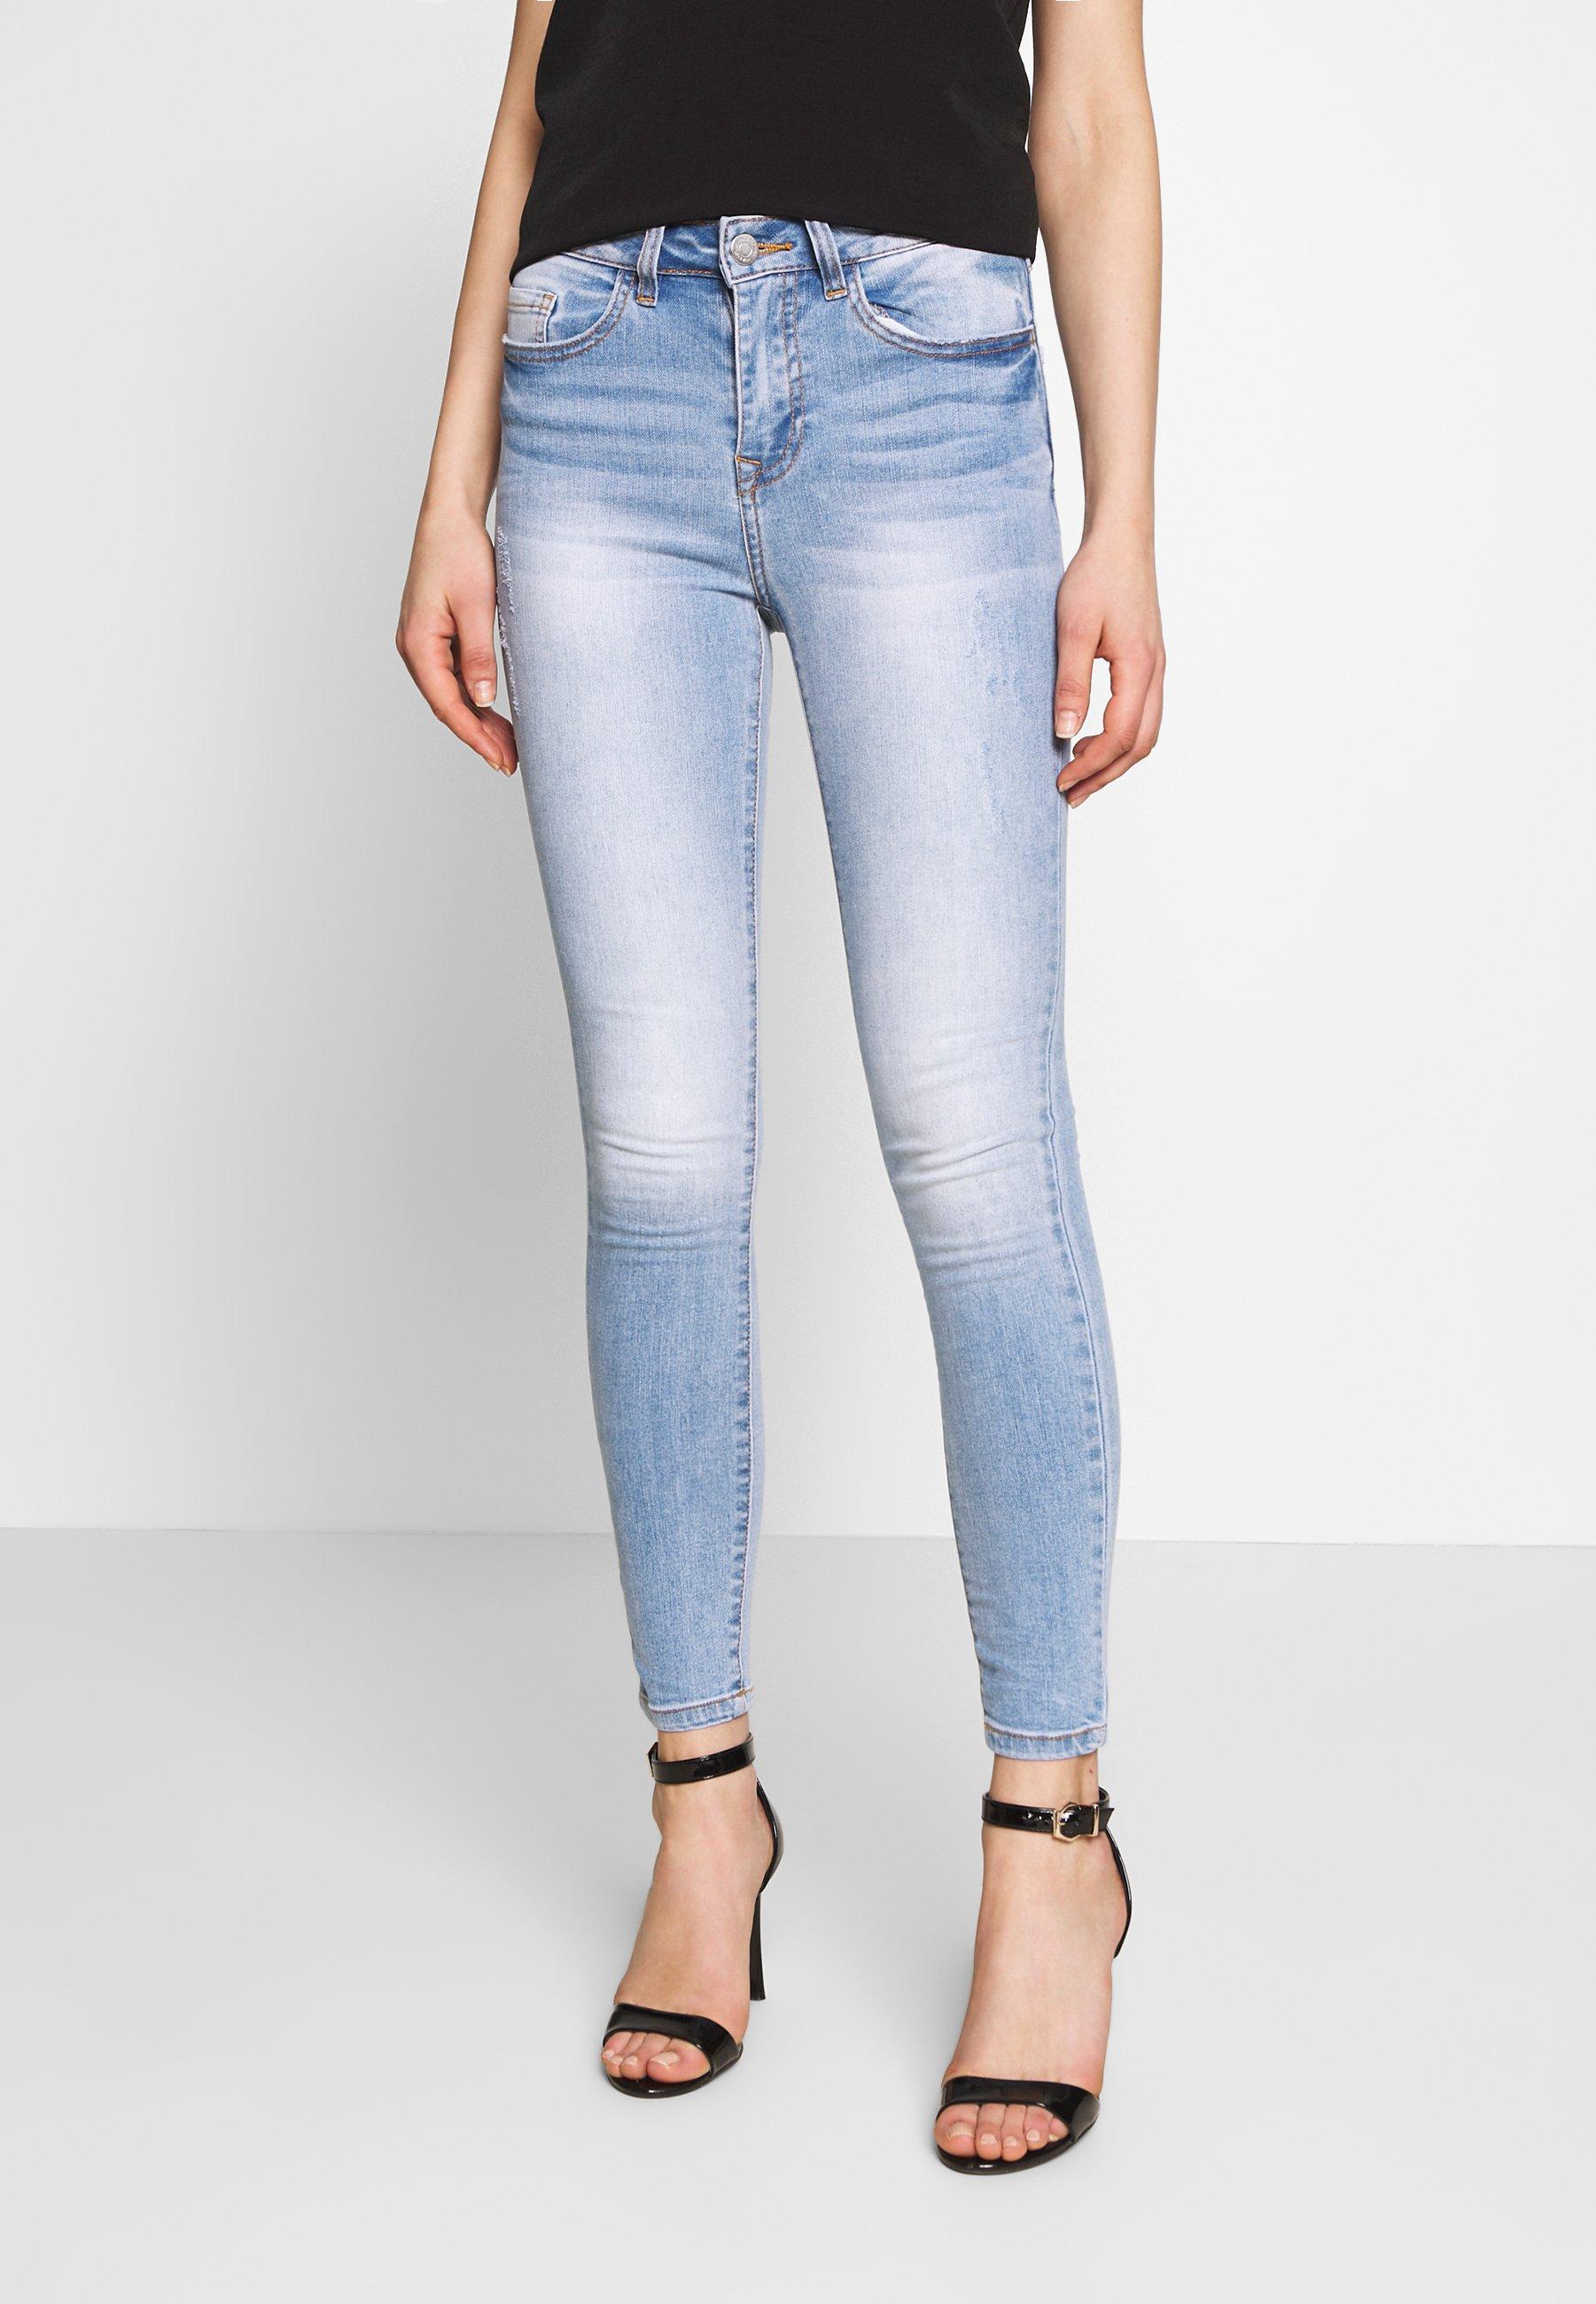 Women Jeans Skinny Fit - light blue